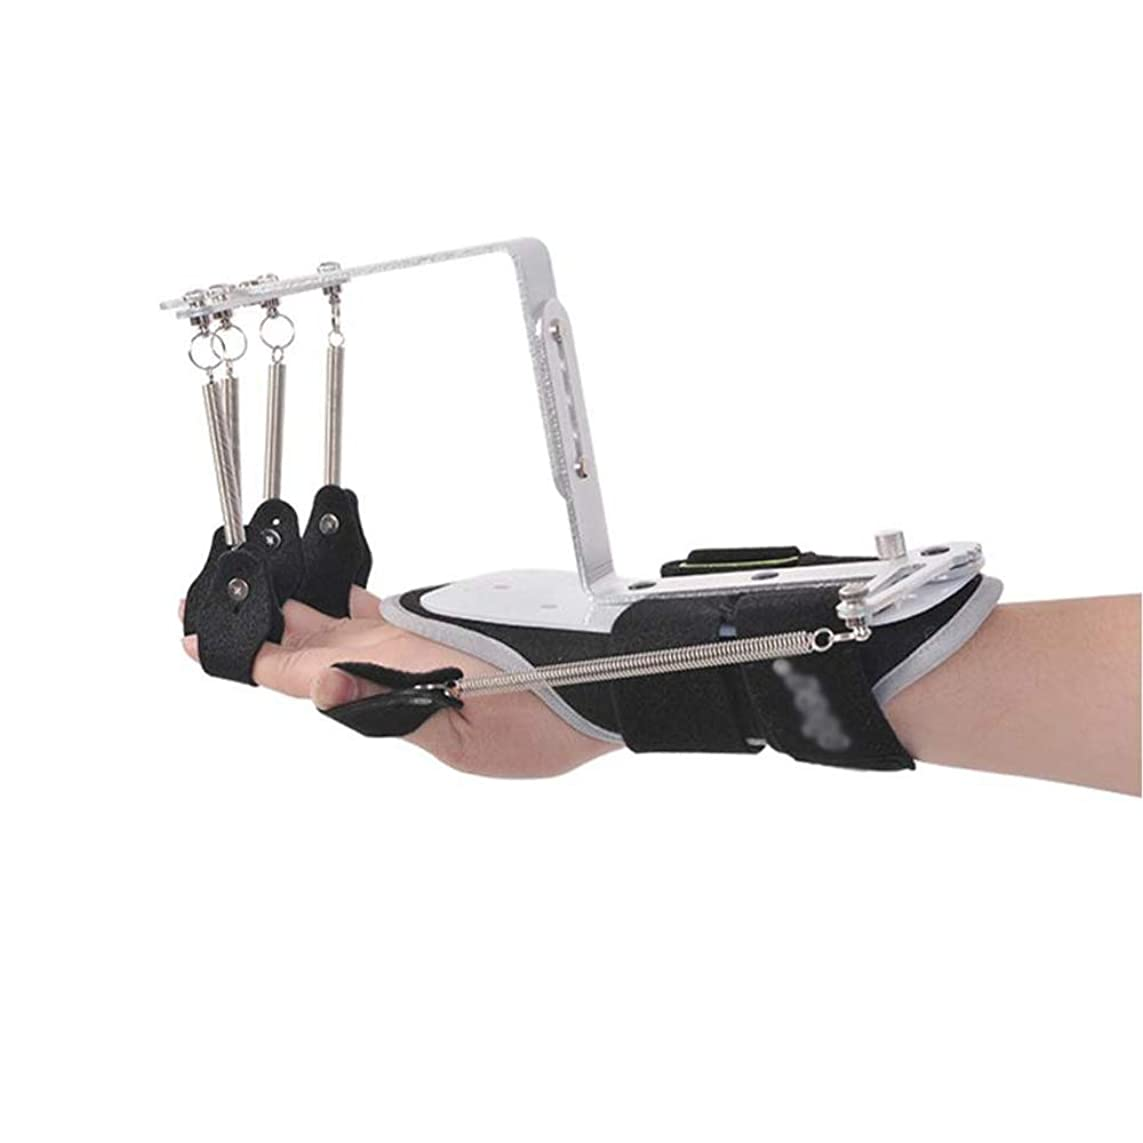 麦芽ナビゲーションアーク片麻痺患者の指の怪我のサポート、手首のリハビリテーショントレーニング、脳卒中装具,B